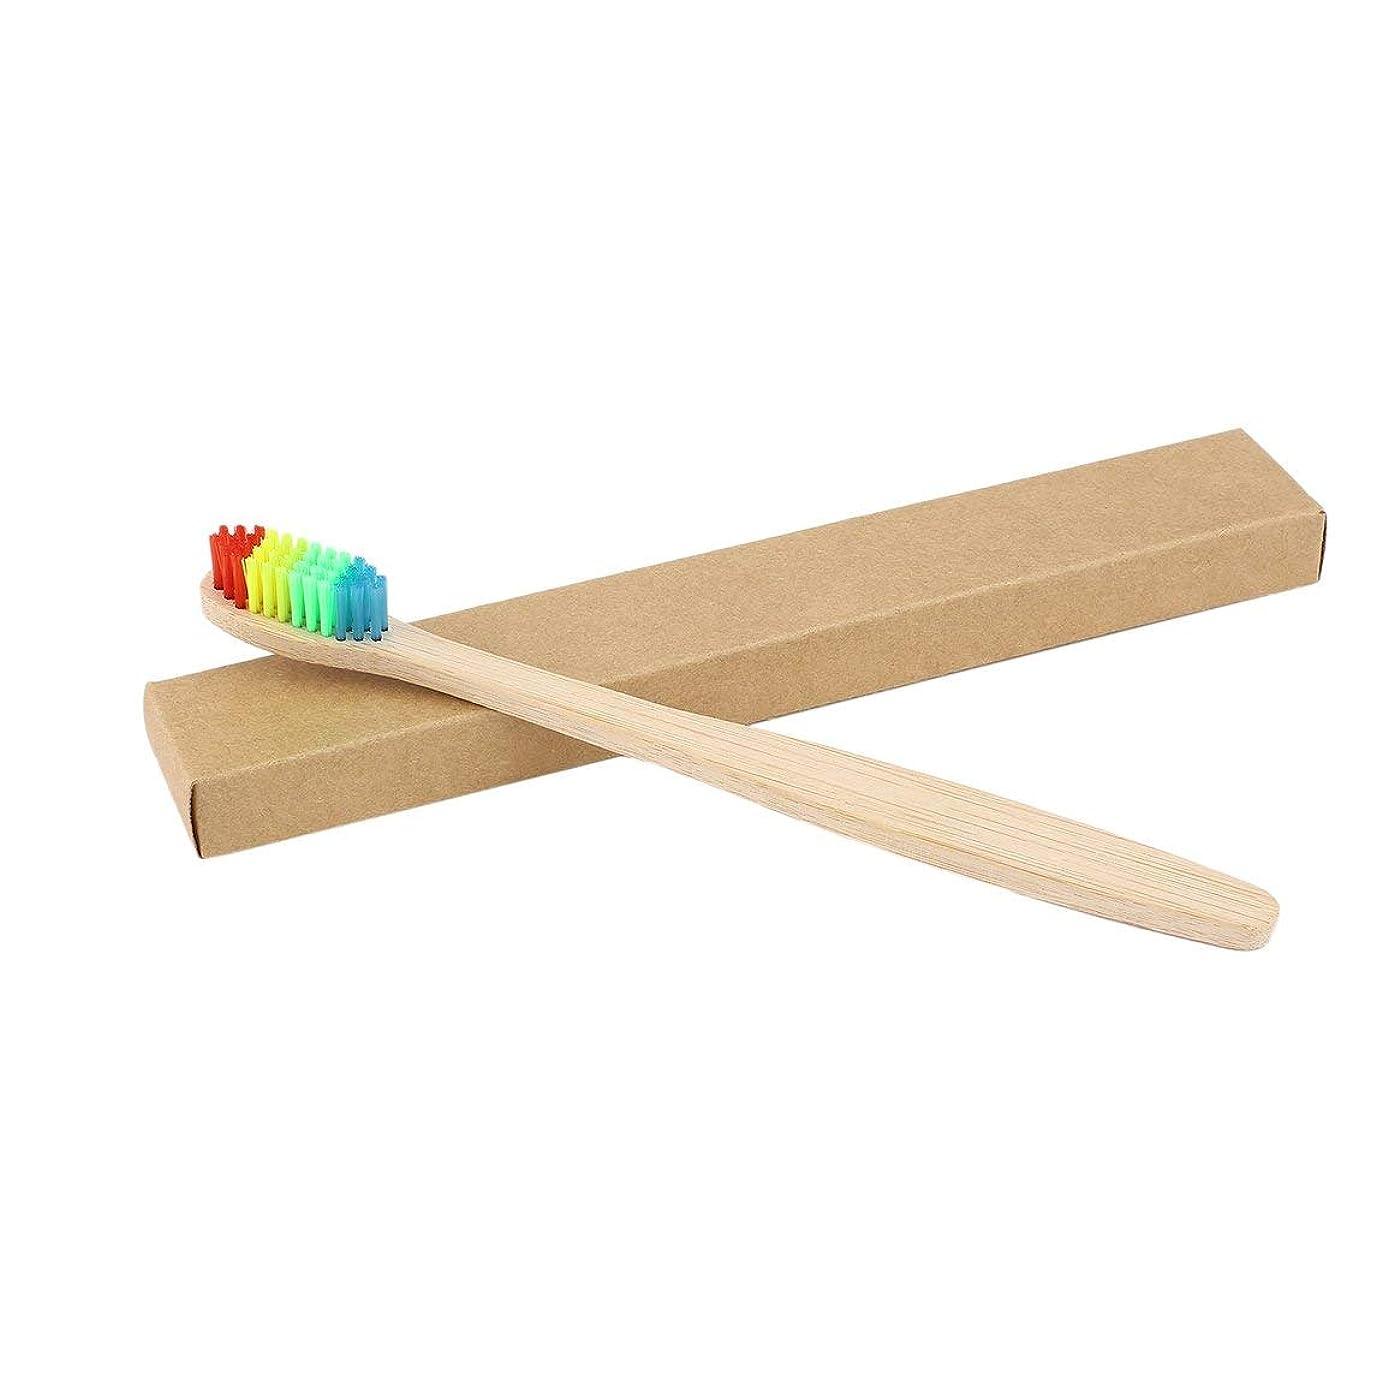 ノートポット会計士カラフルな髪+竹のハンドル歯ブラシ環境木製の虹竹の歯ブラシオーラルケアソフト剛毛ユニセックス - ウッドカラー+カラフル